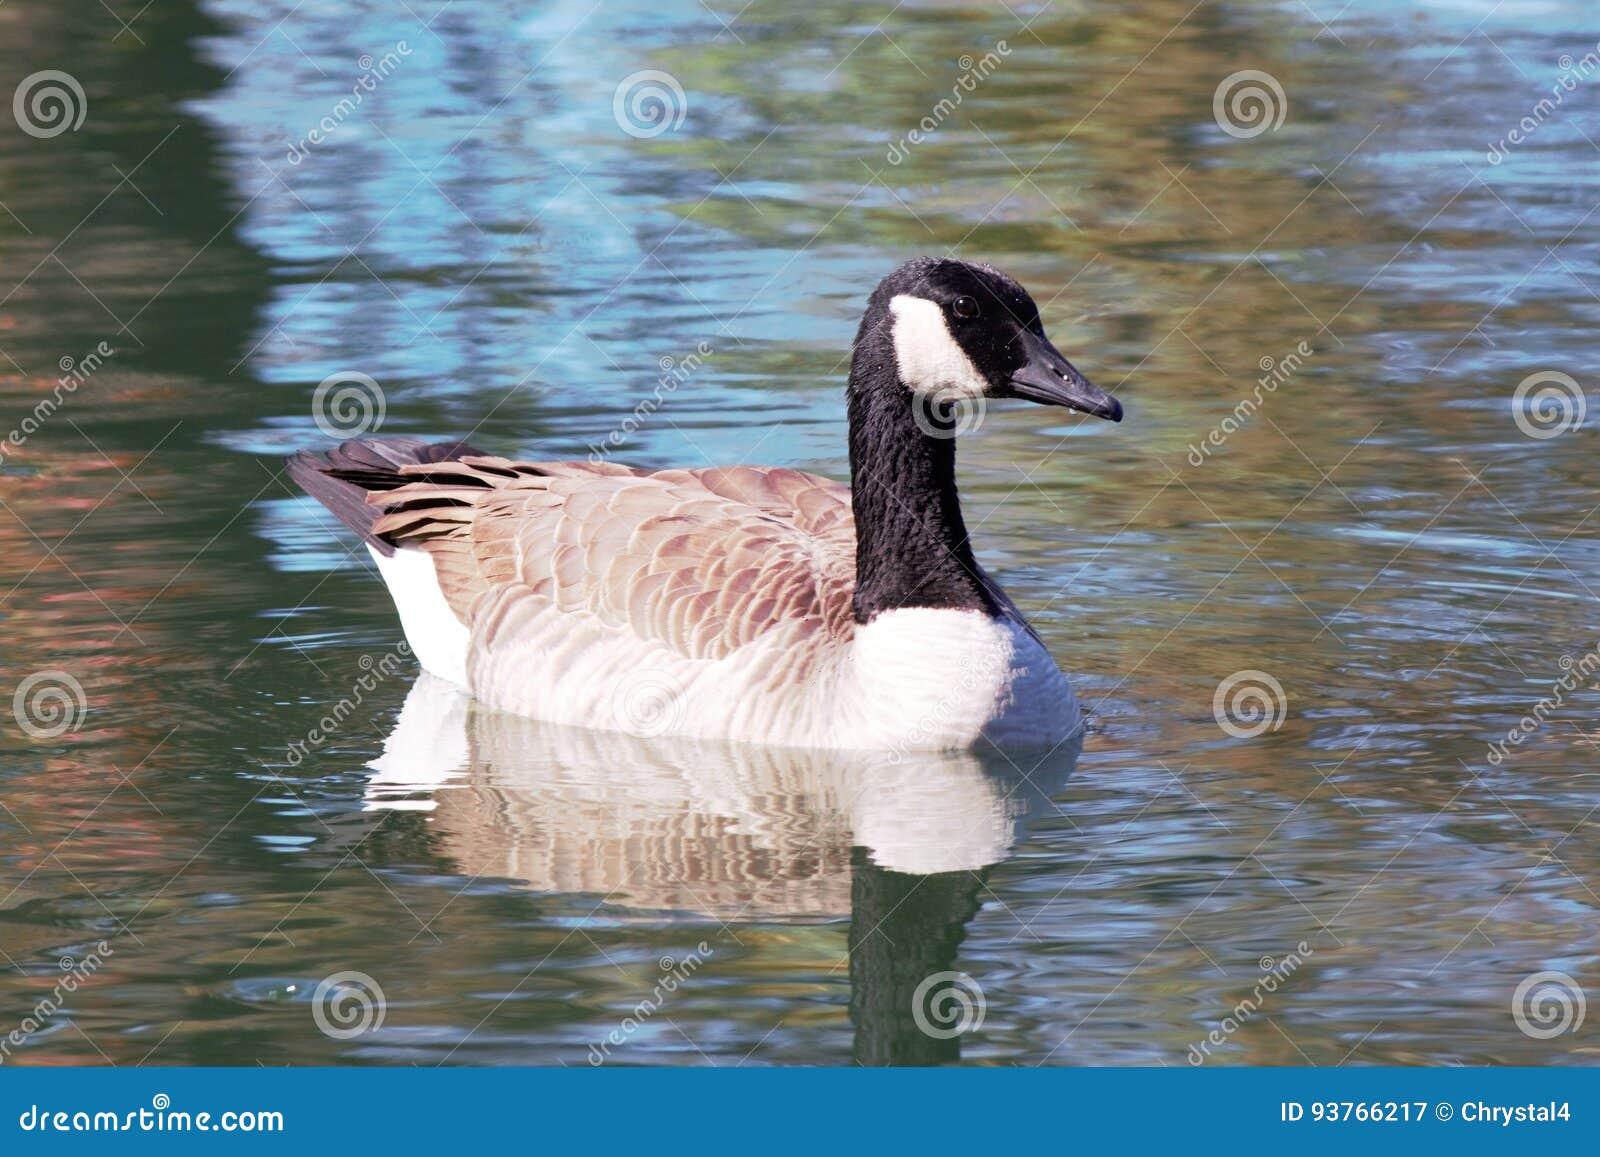 Gans, die auf einen ruhigen Teich schwimmt